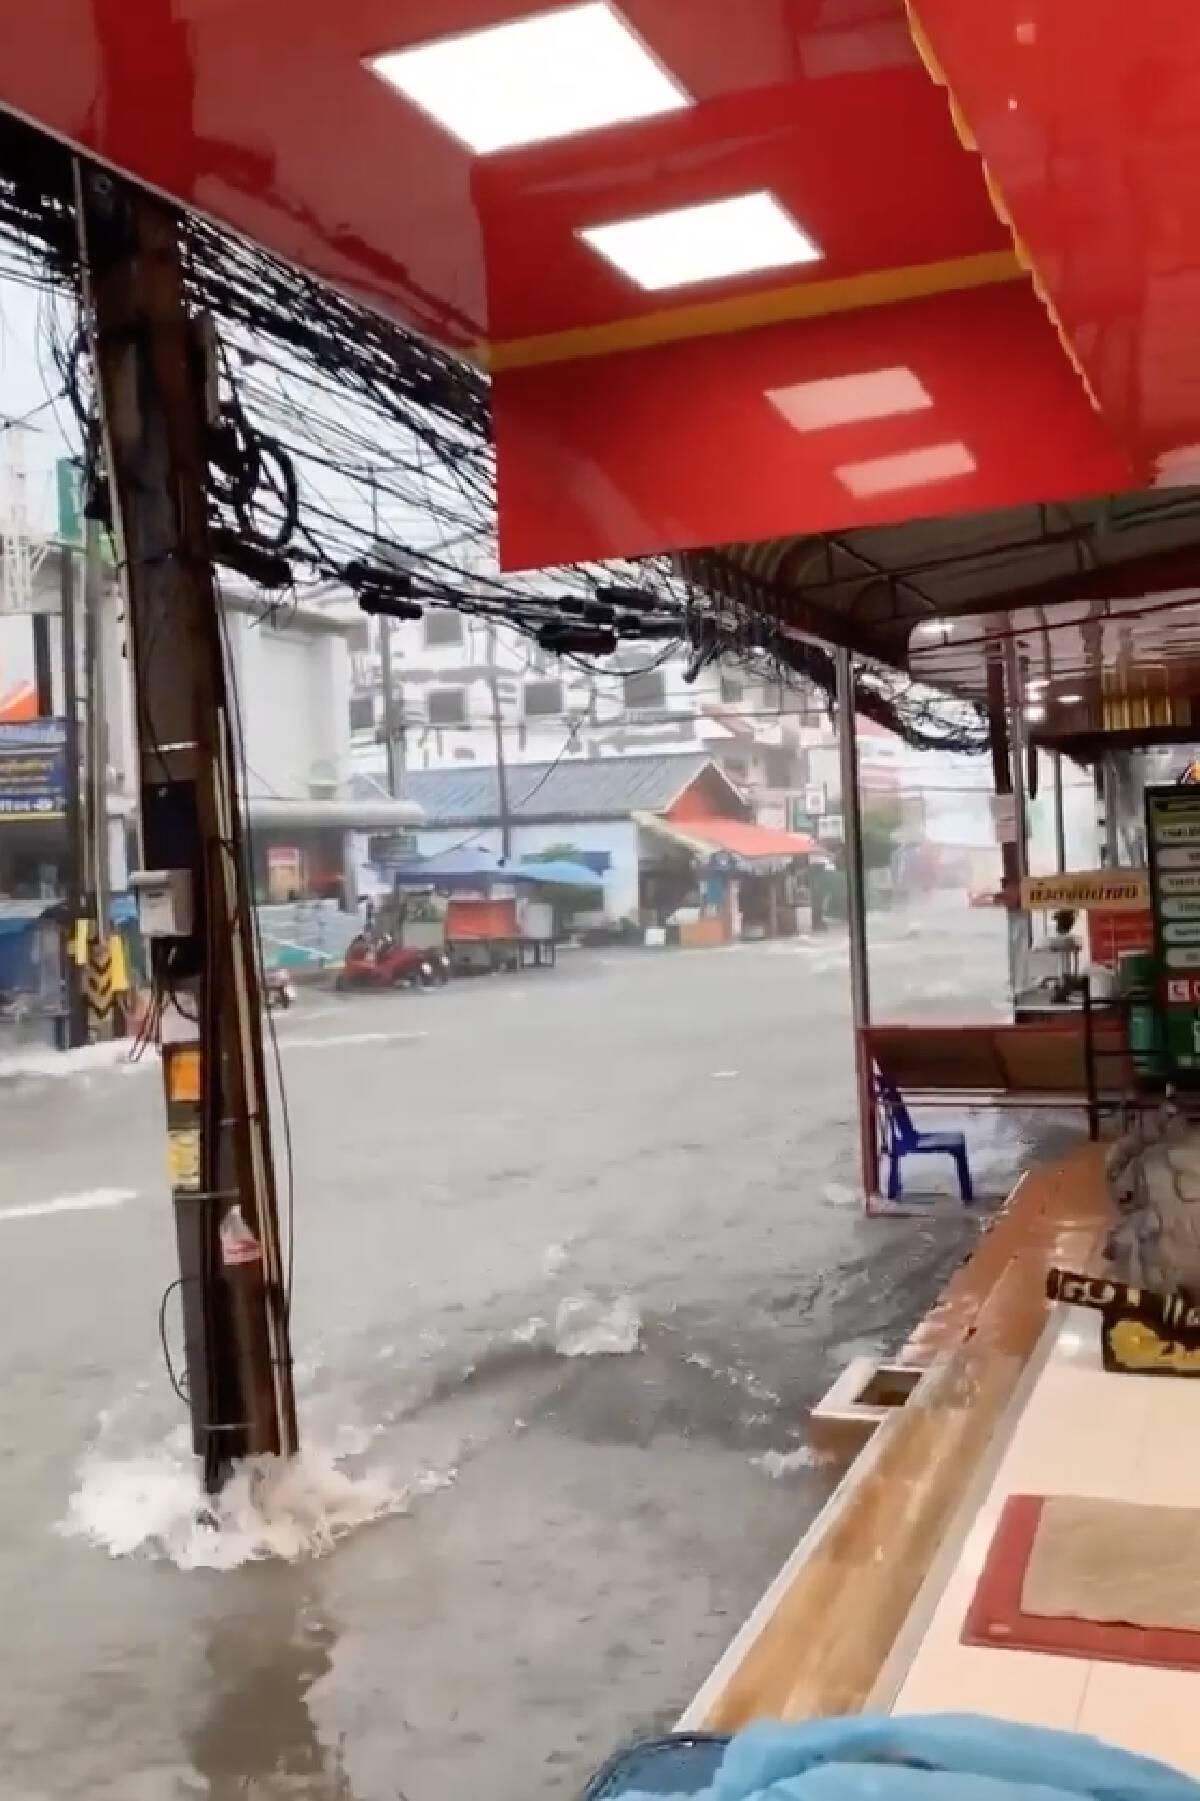 พัทยาอ่วม! หลายพื้นที่จมบาดาลหลังถูกฝนถล่มตั้งแต่เมื่อคืน